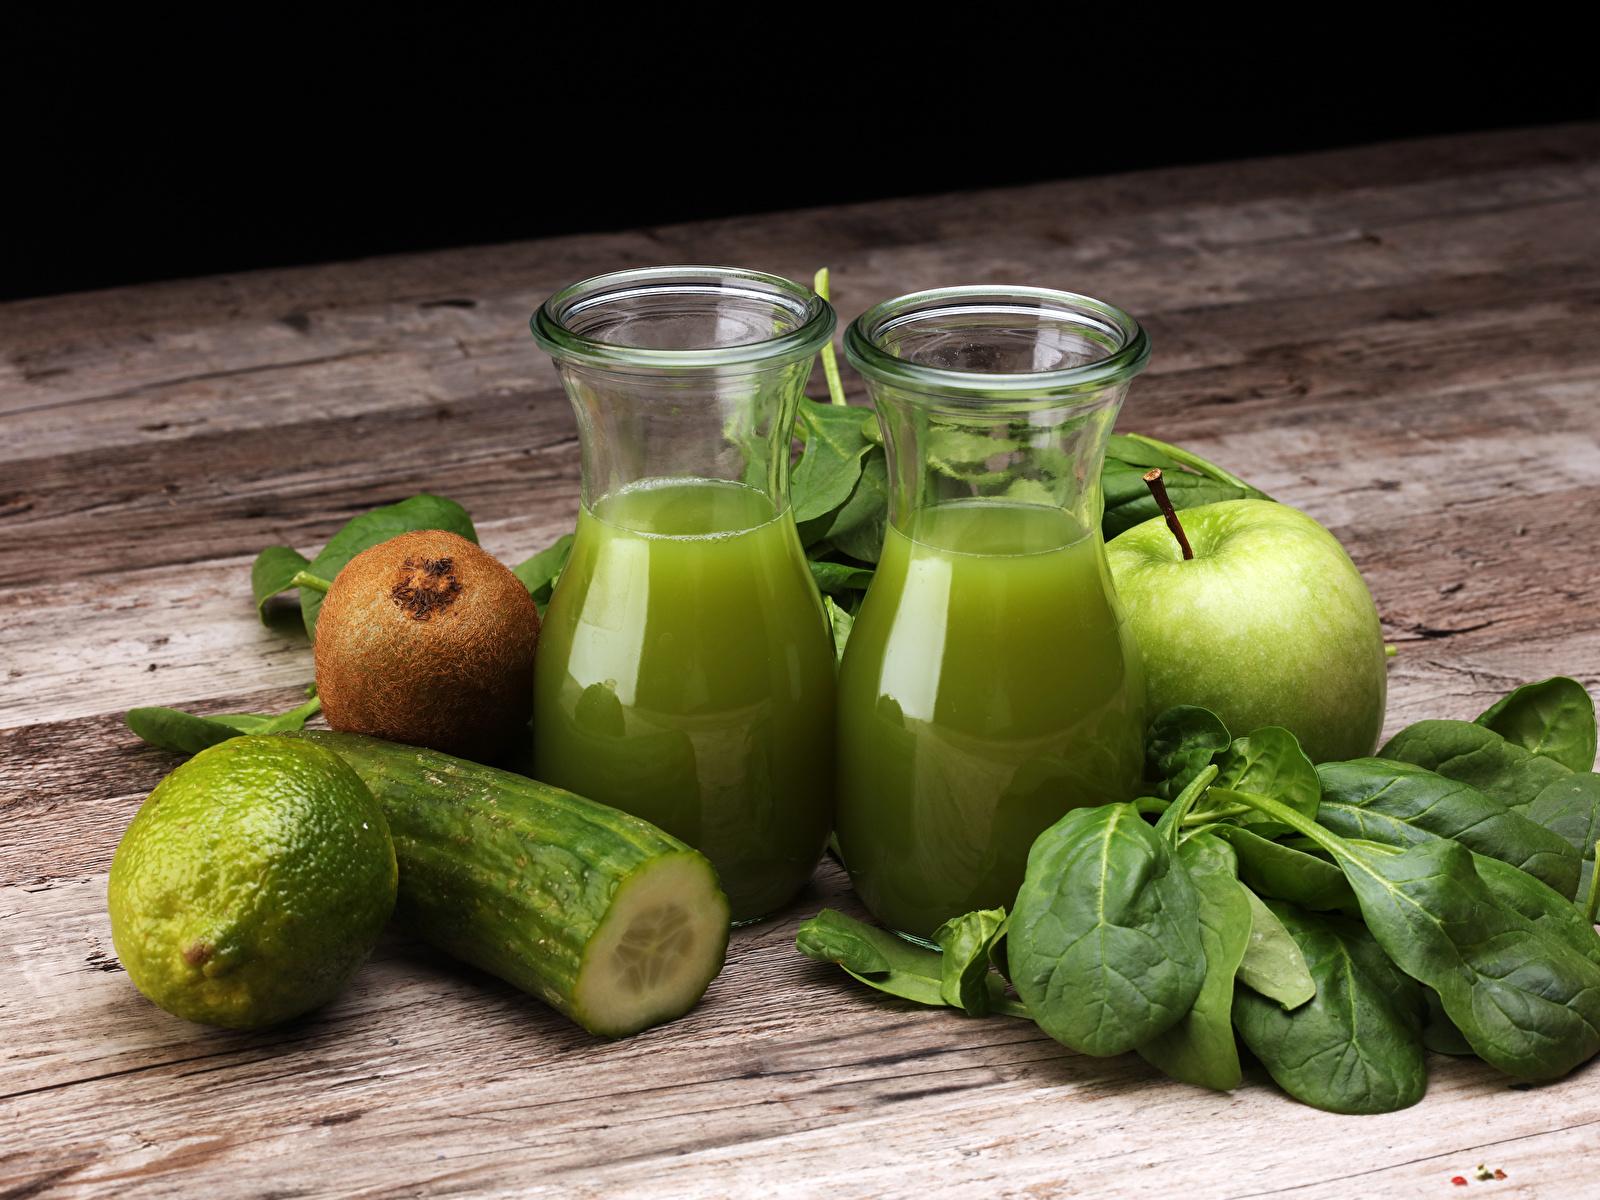 Обои для рабочего стола Сок Лайм Огурцы зеленые Киви Стакан Яблоки Еда Доски 1600x1200 зеленых Зеленый зеленая стакана стакане Пища Продукты питания